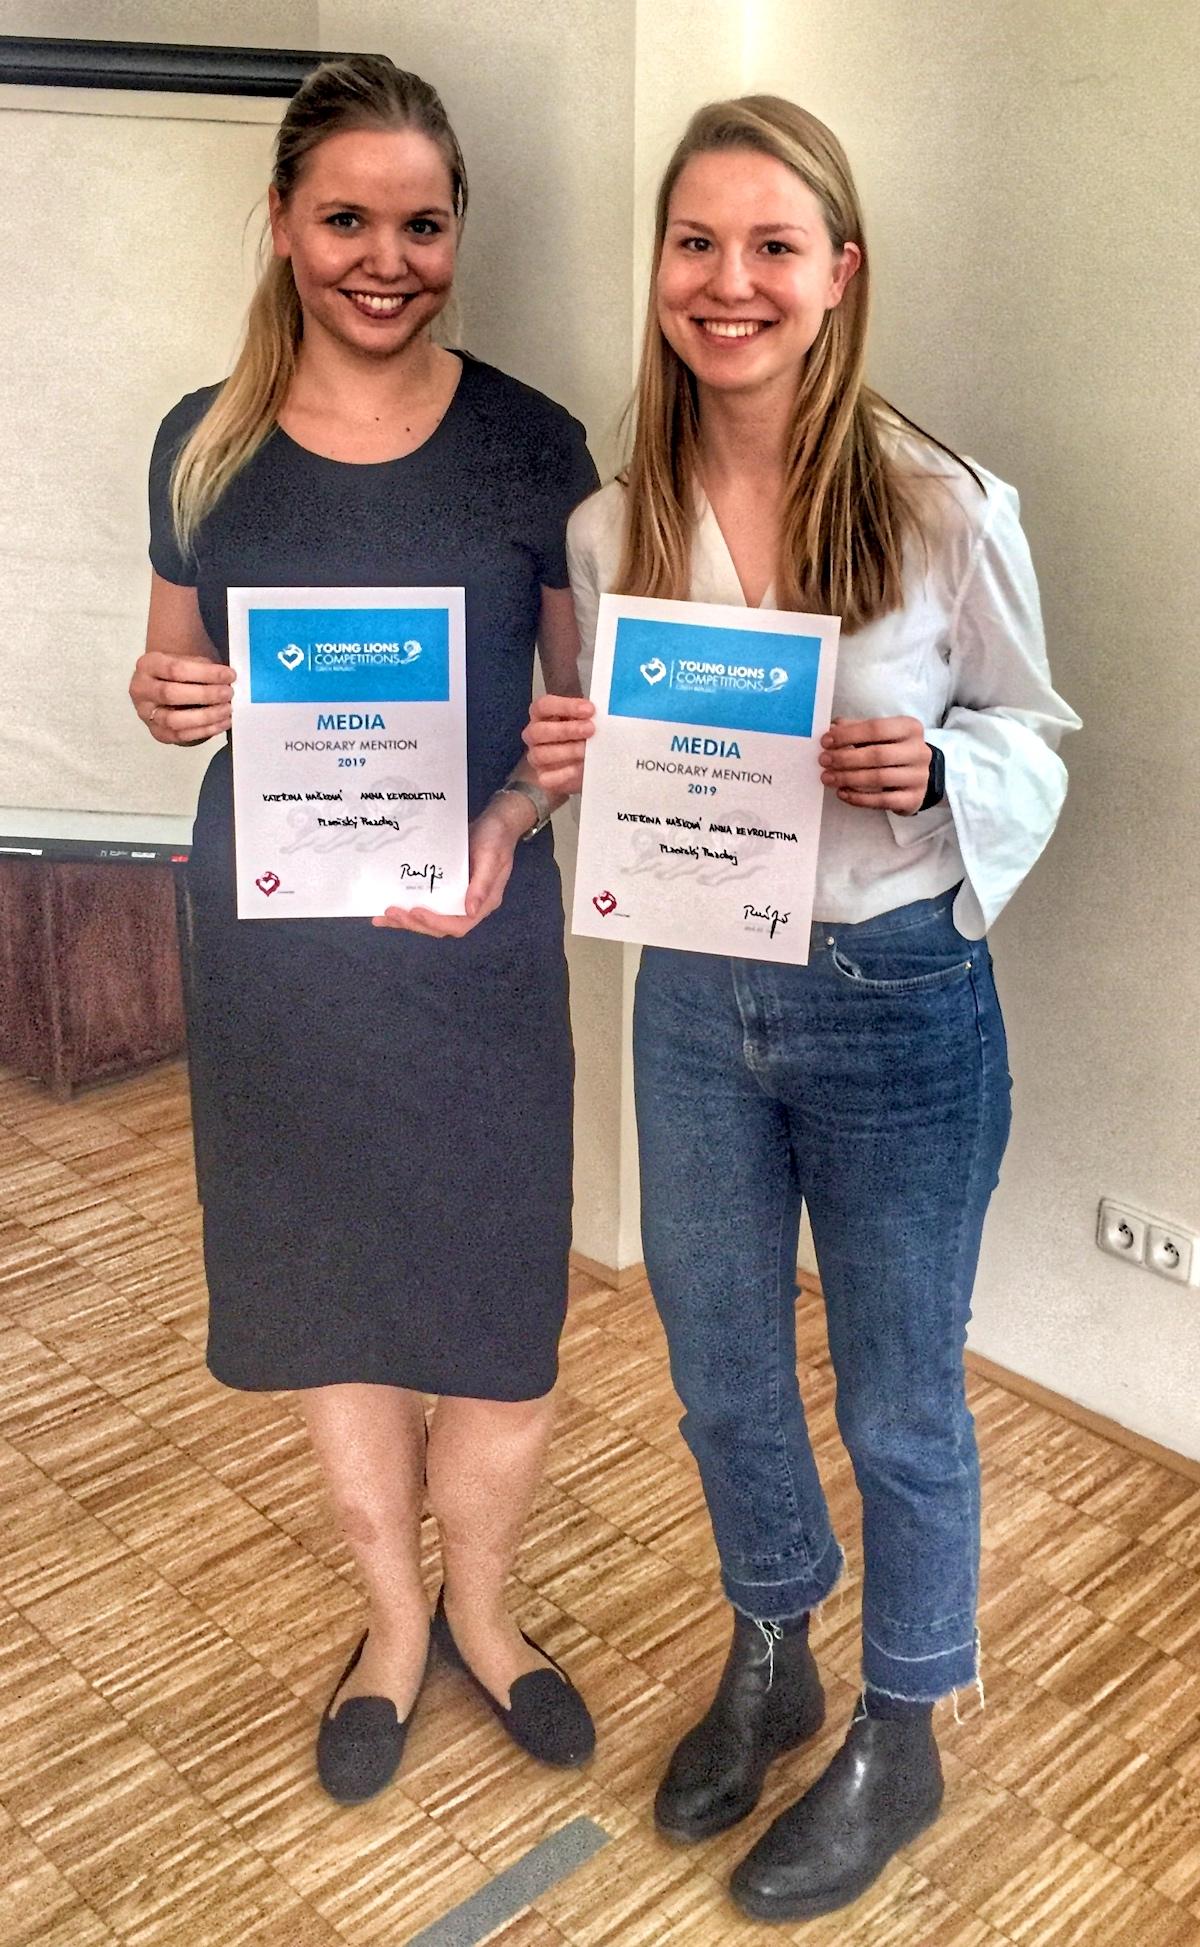 Honorary mention obdrželyKateřina Hašková a Anna Kevroletina z Plzeňského Prazdroje.